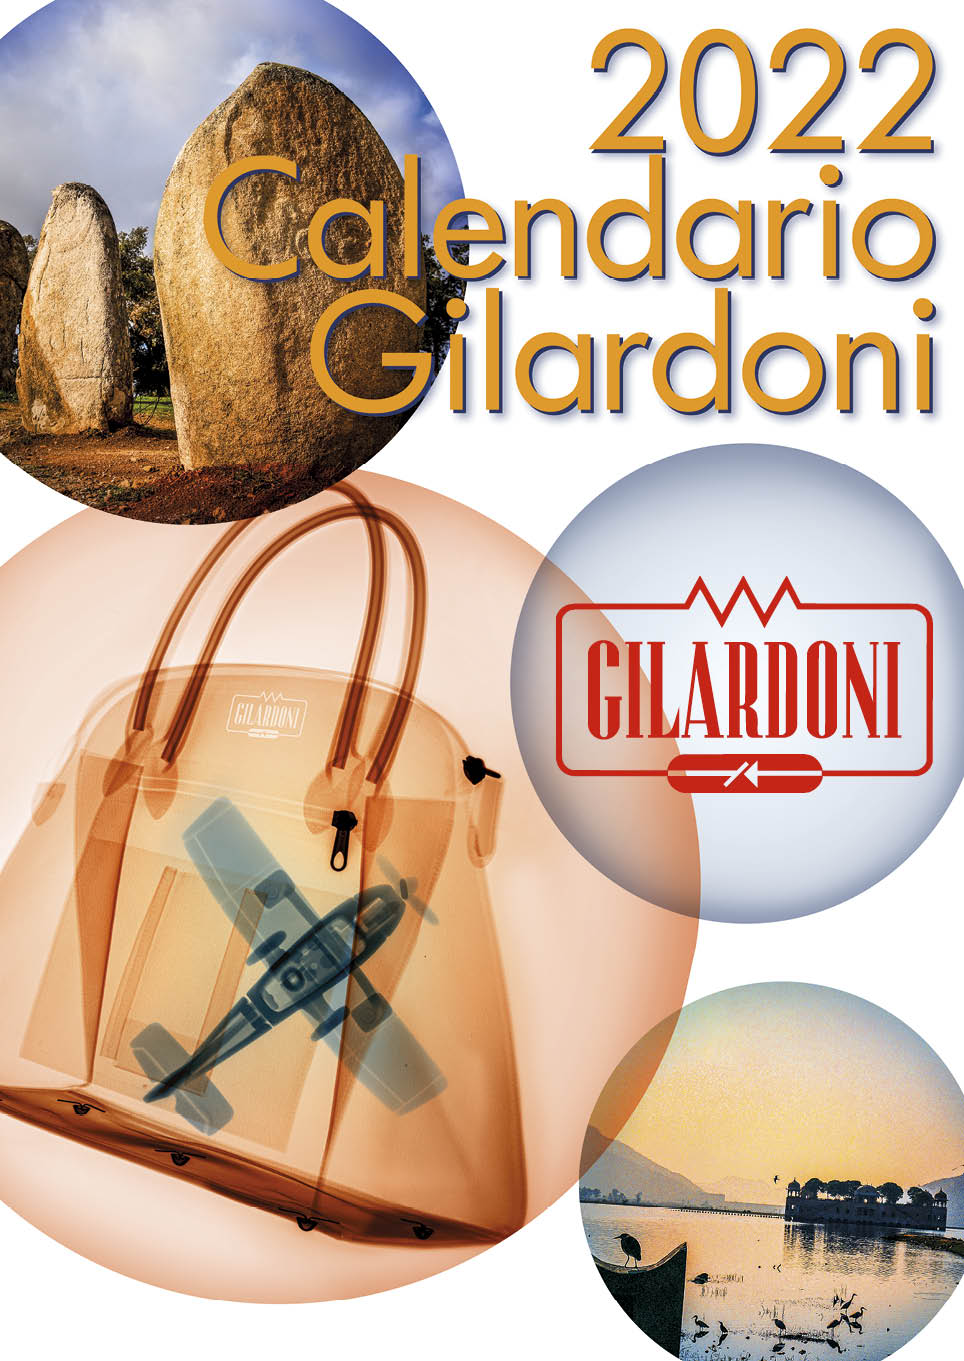 calendario 2022 gilardoni